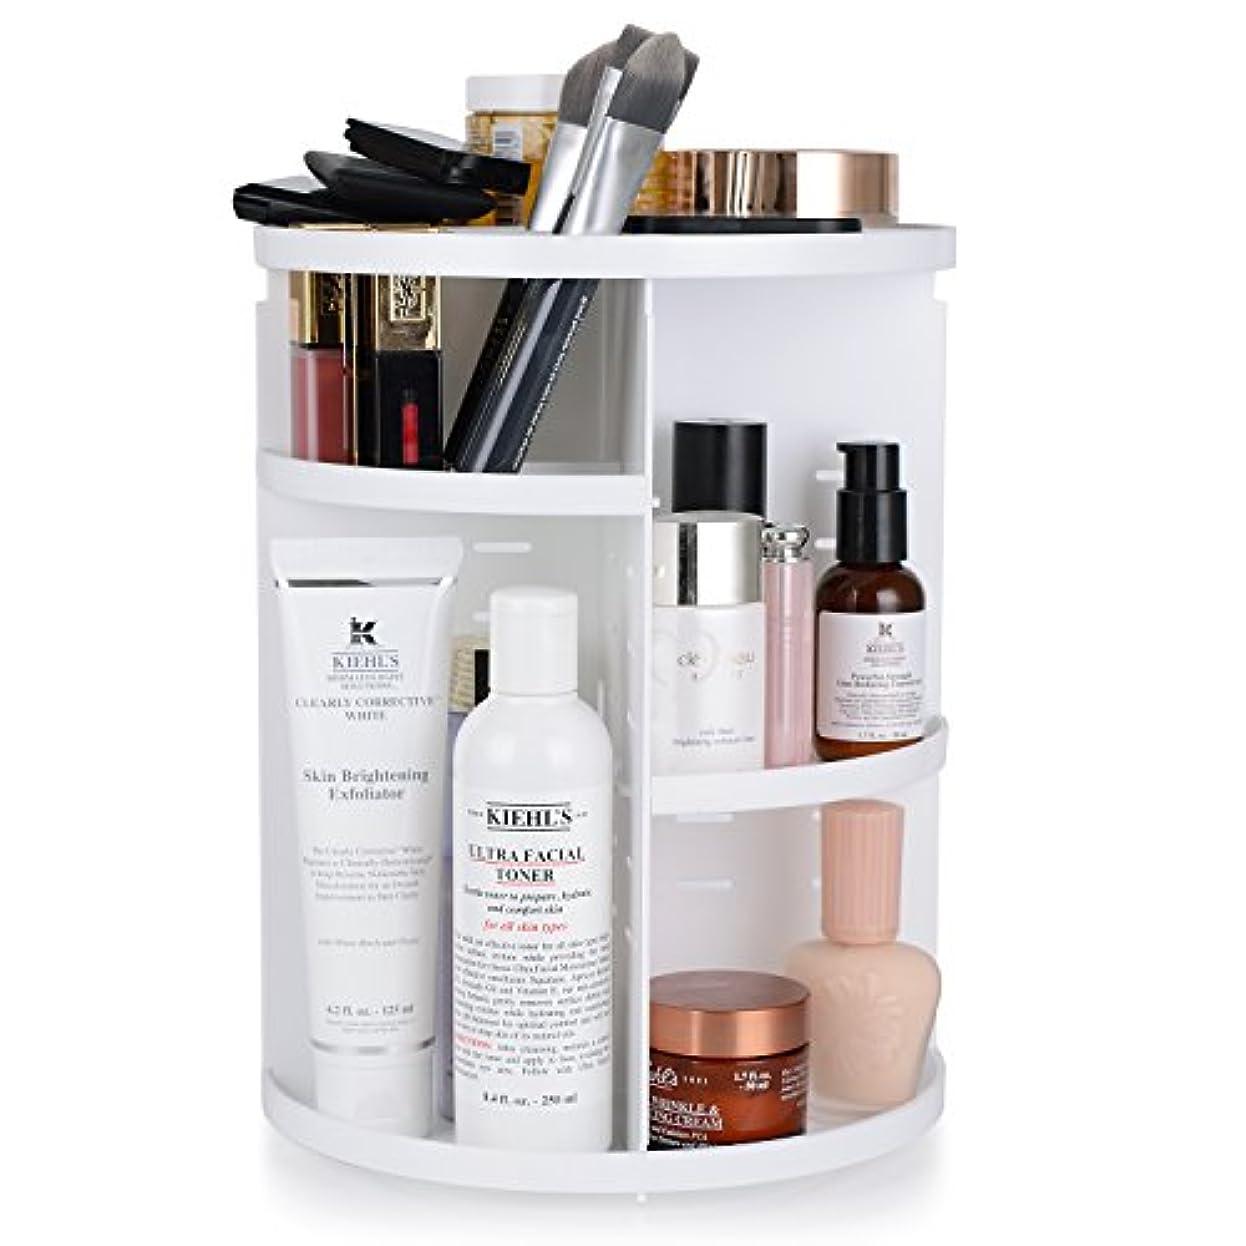 上に特徴づけるアメリカWOLFTEETH メイクボックス 化粧品収納ボックス 360度回転式 コスメ メイク収納 組み立て式 高さ調節可能 ホワイト